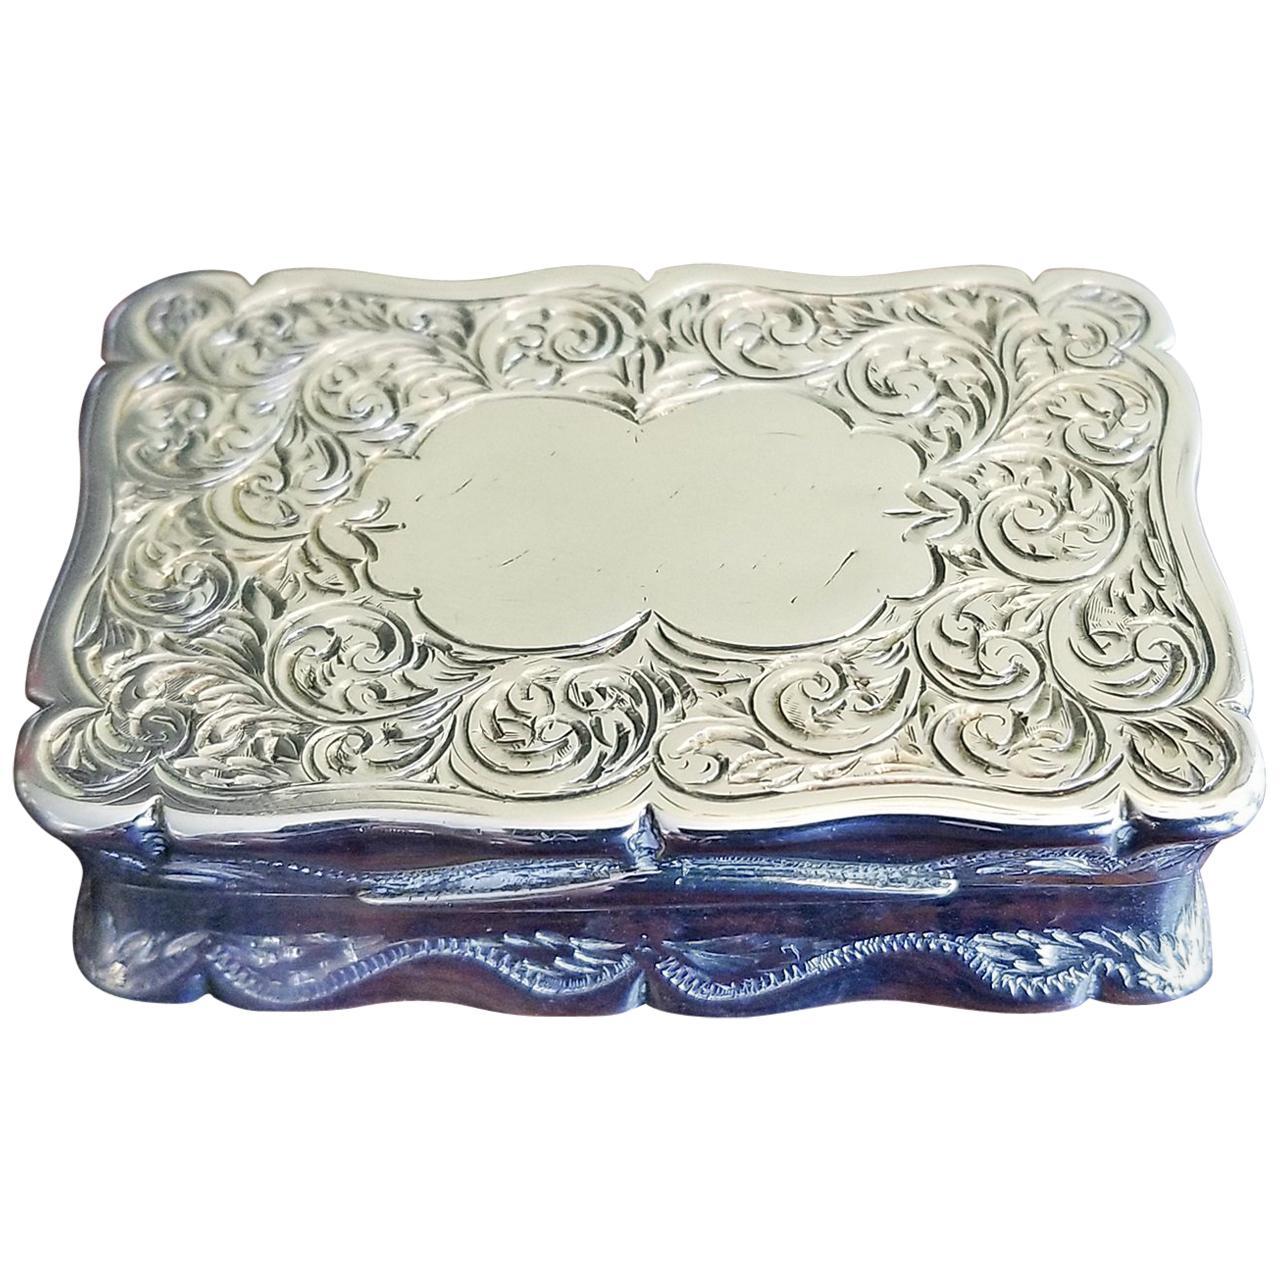 19th Century Sterling Silver Snuffbox Birmingham 1848 by Rolason Bros